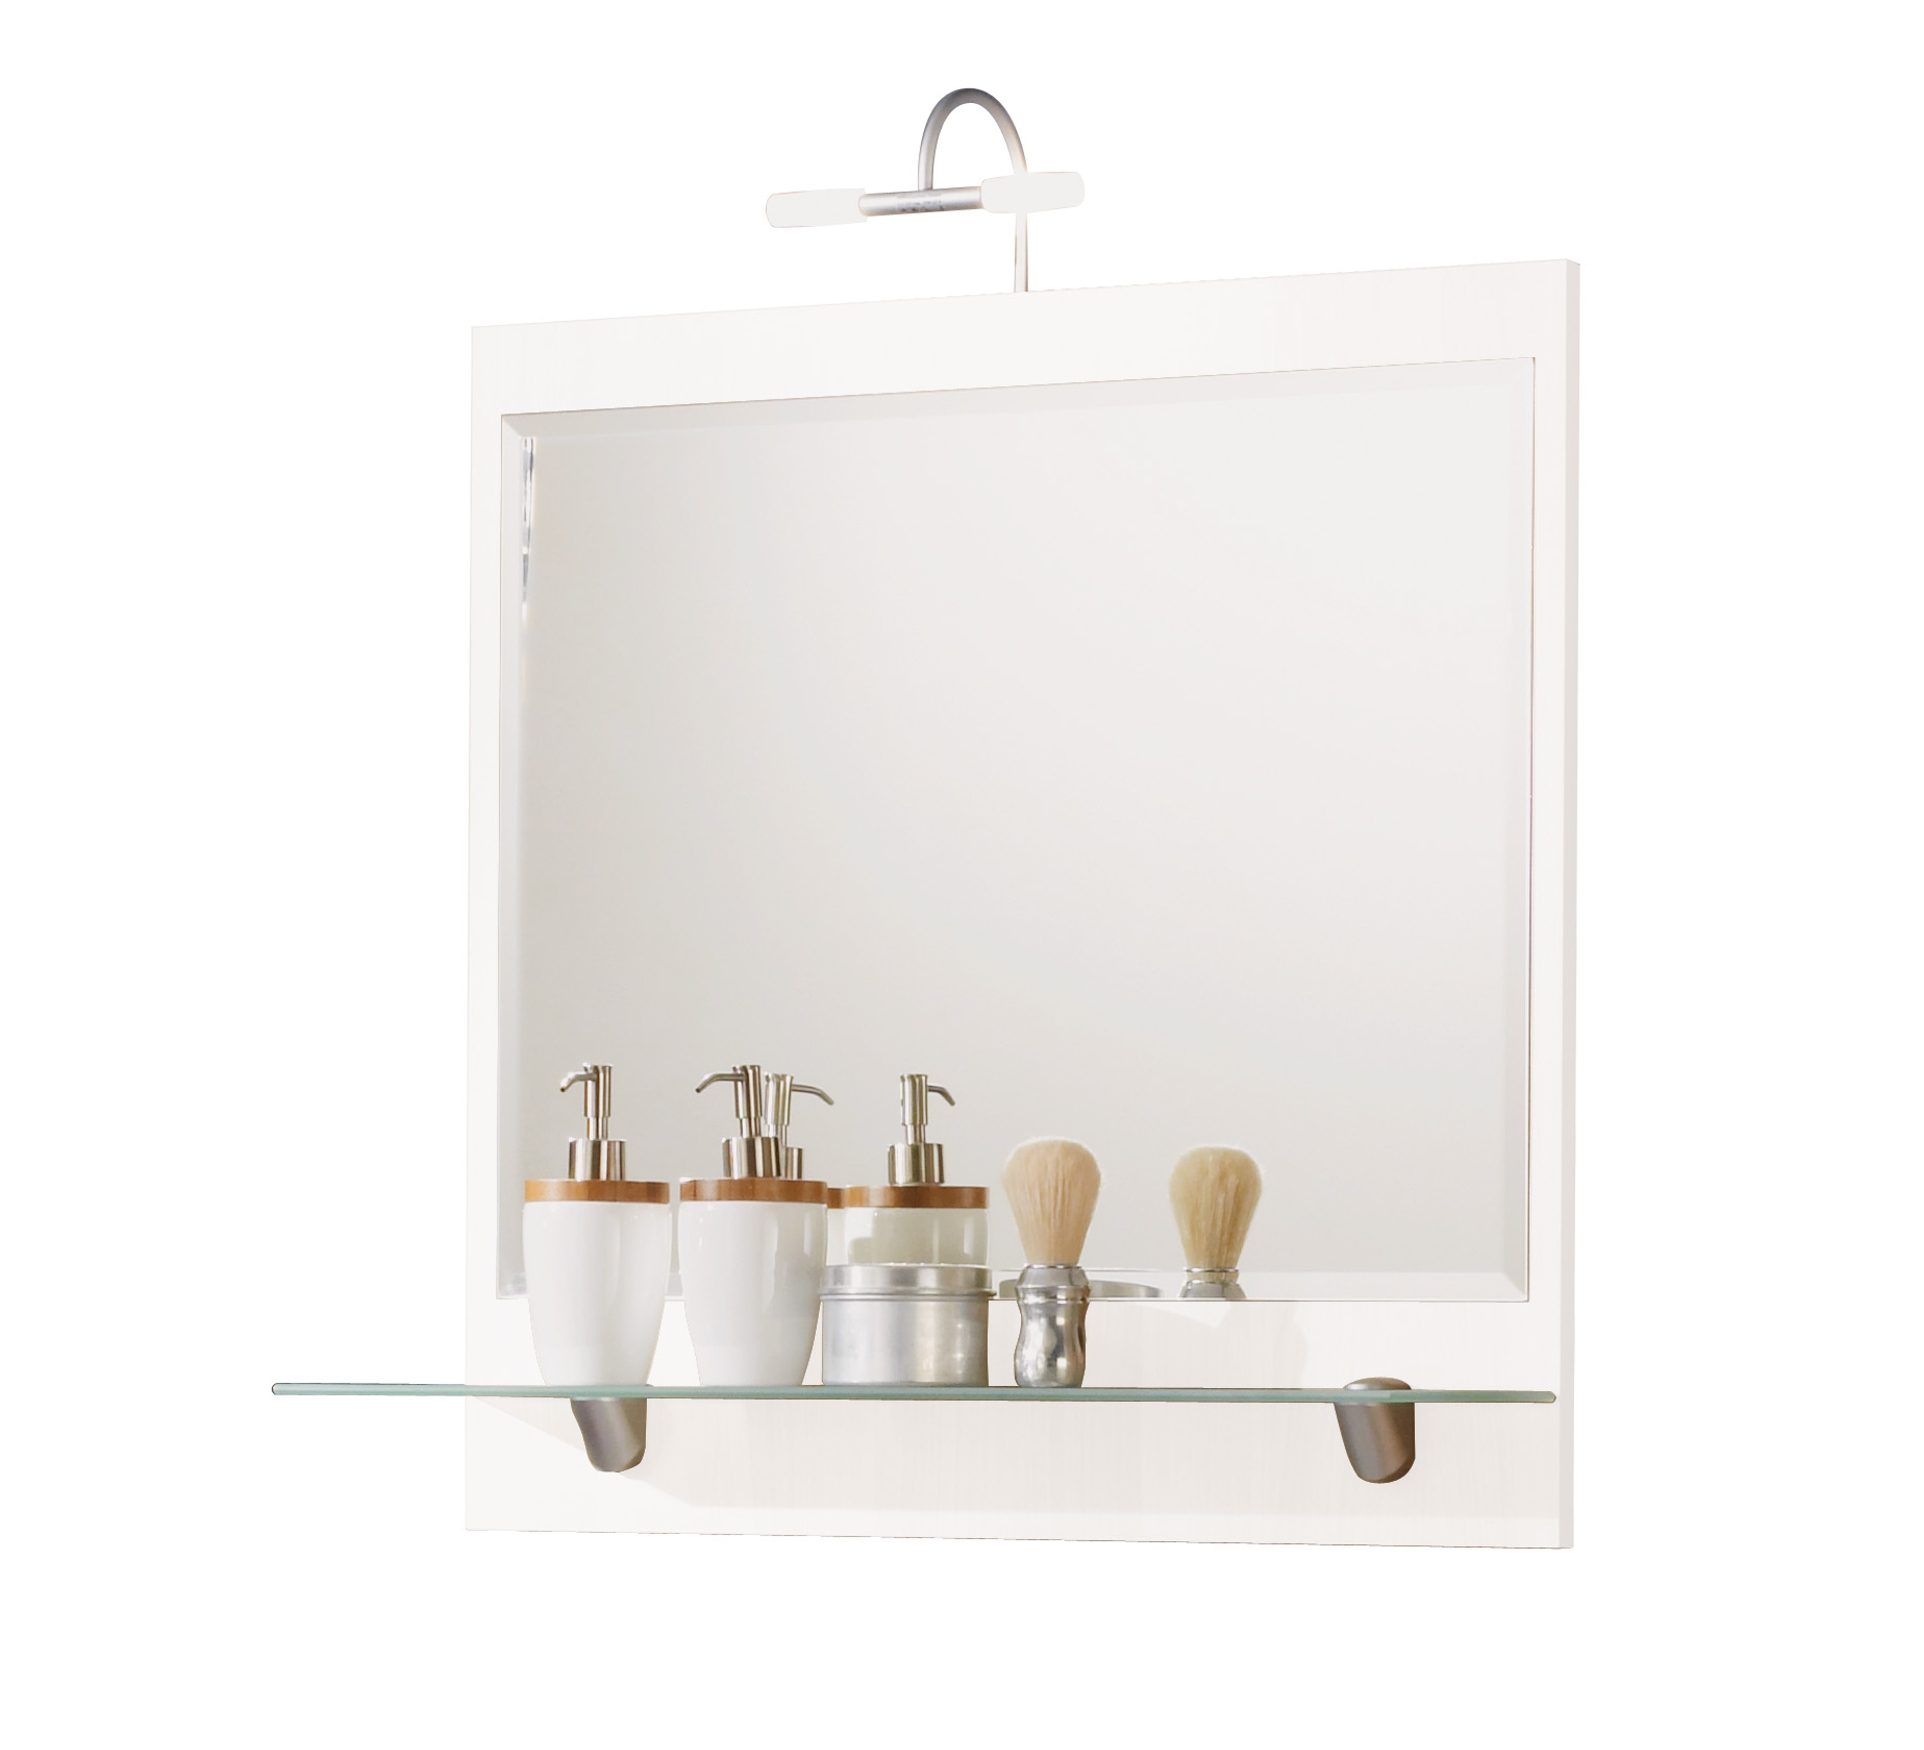 Bad spiegel salona mit ablage und halogenleuchte 70 cm breit wei bad spiegelschr nke - Spiegel ablage bad ...